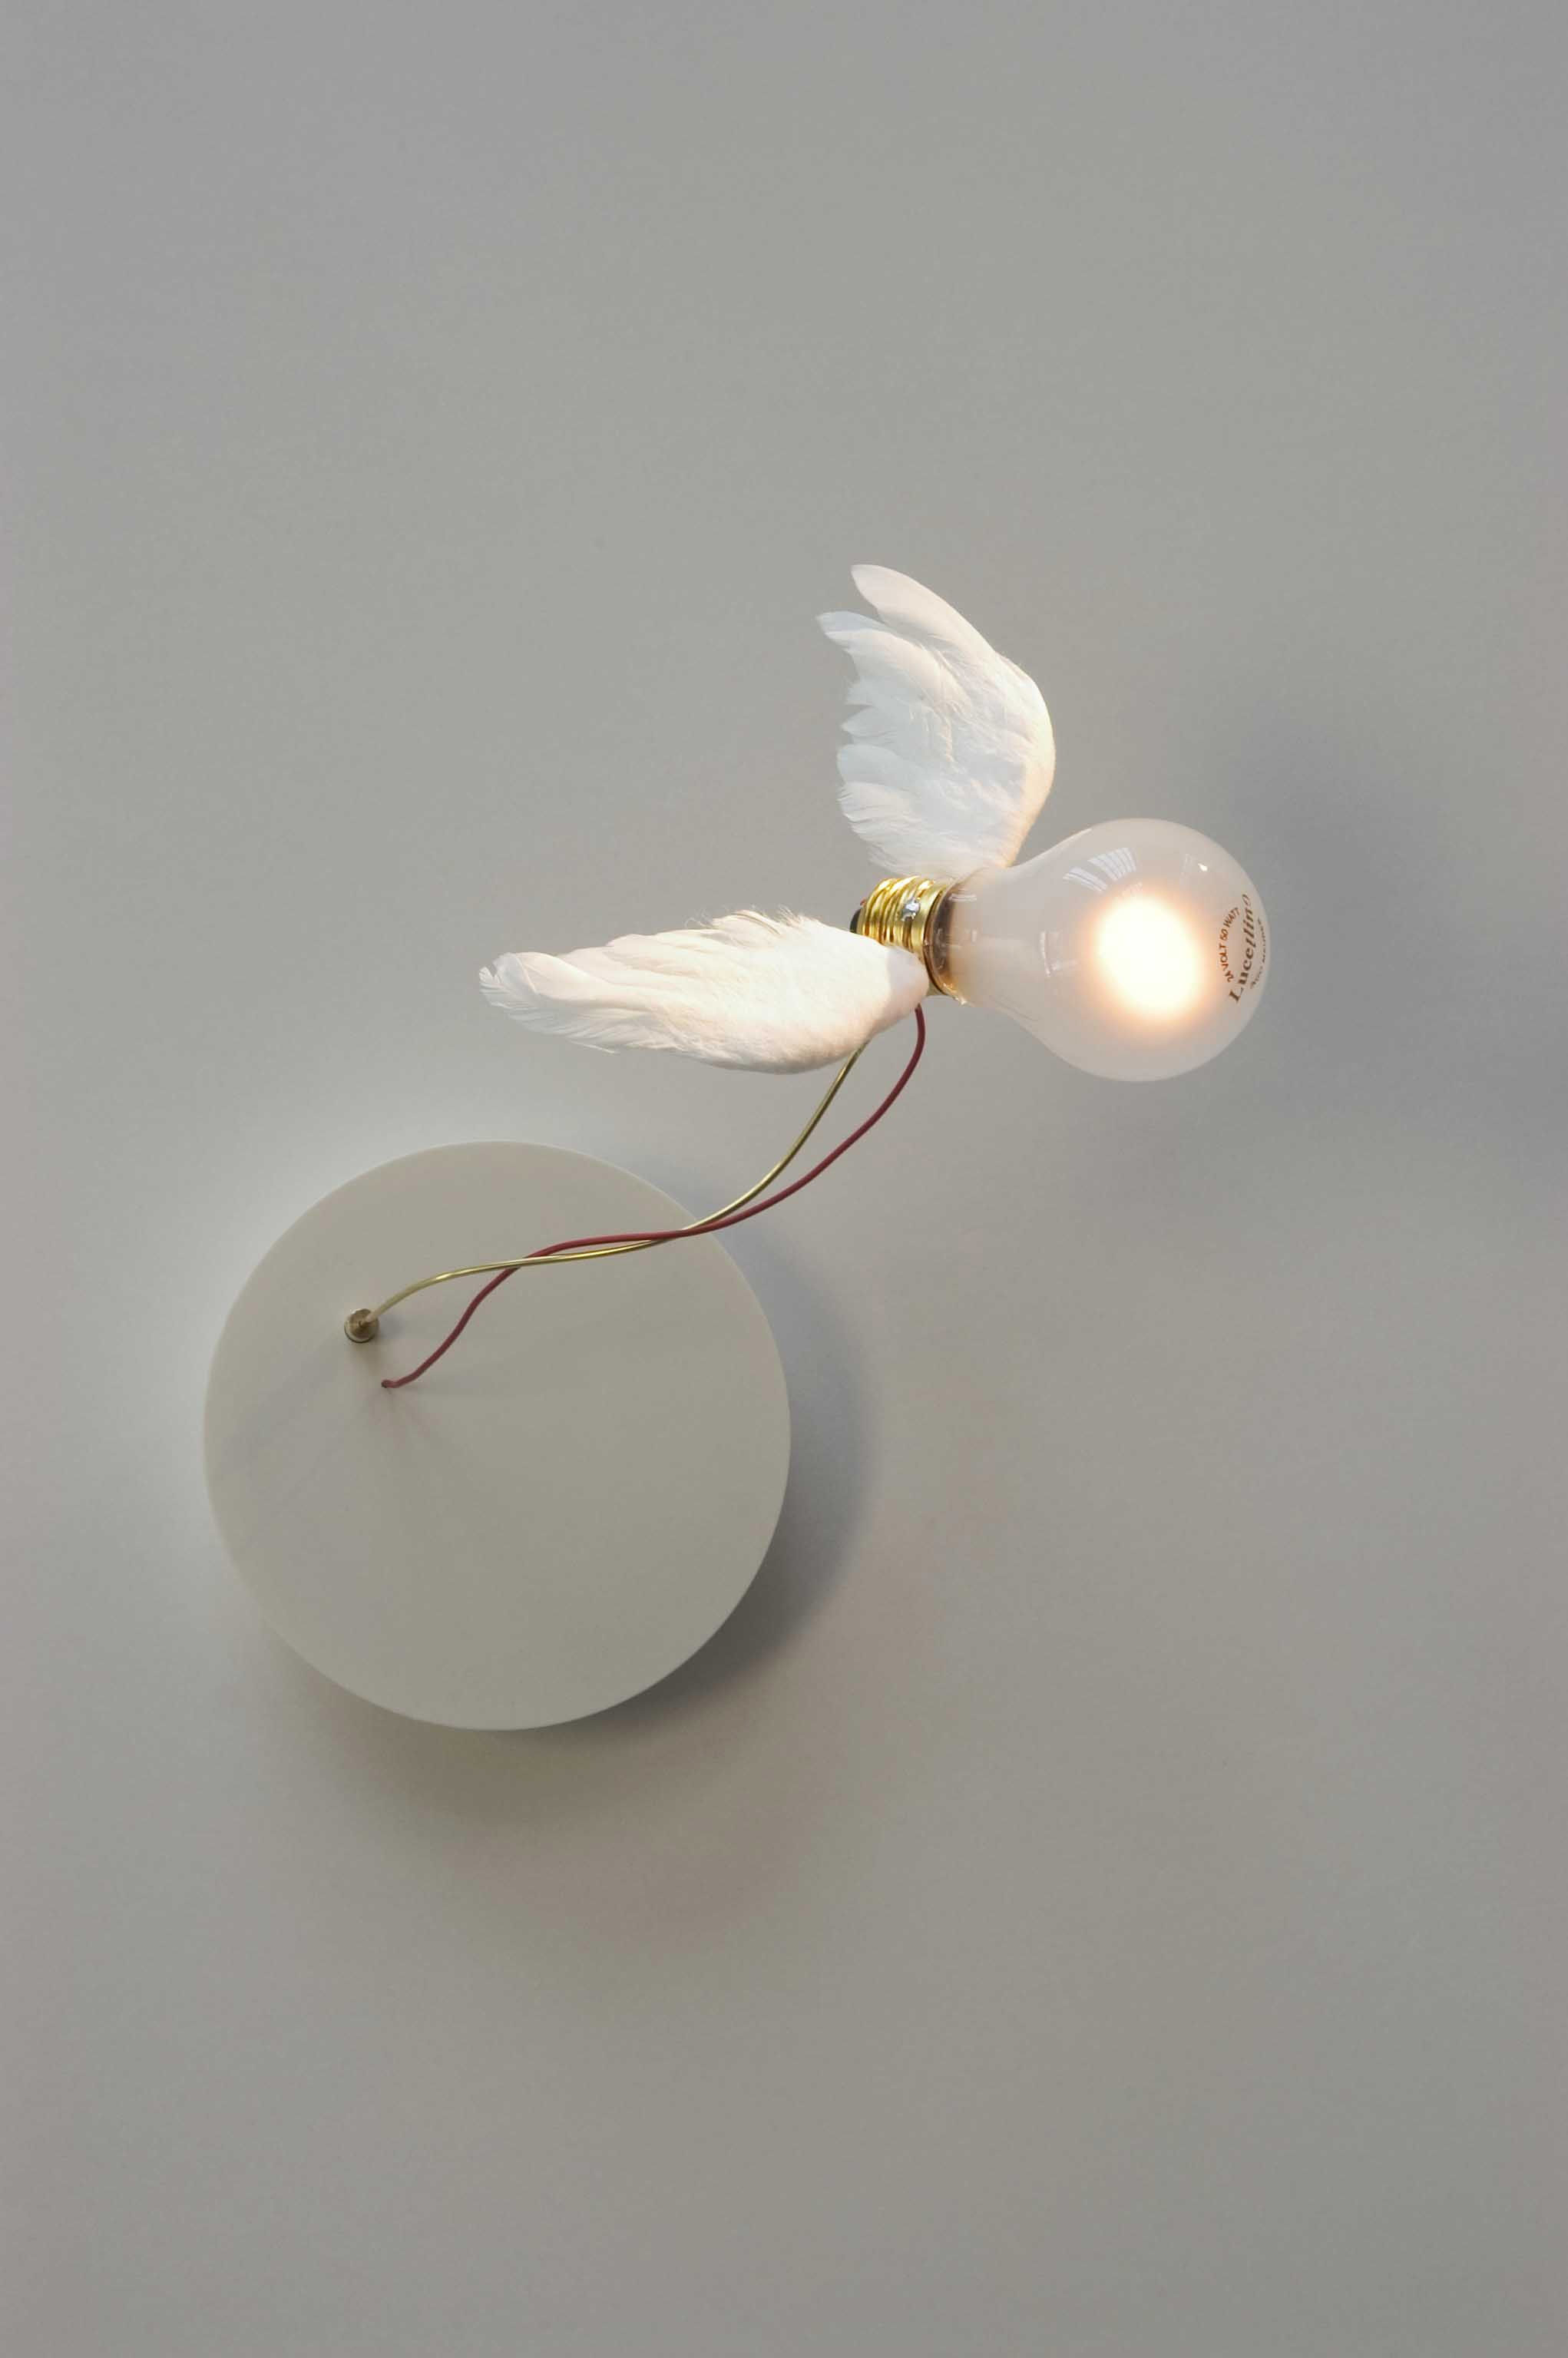 applique lucellino nt applique blanc rouge ingo maurer made in design. Black Bedroom Furniture Sets. Home Design Ideas